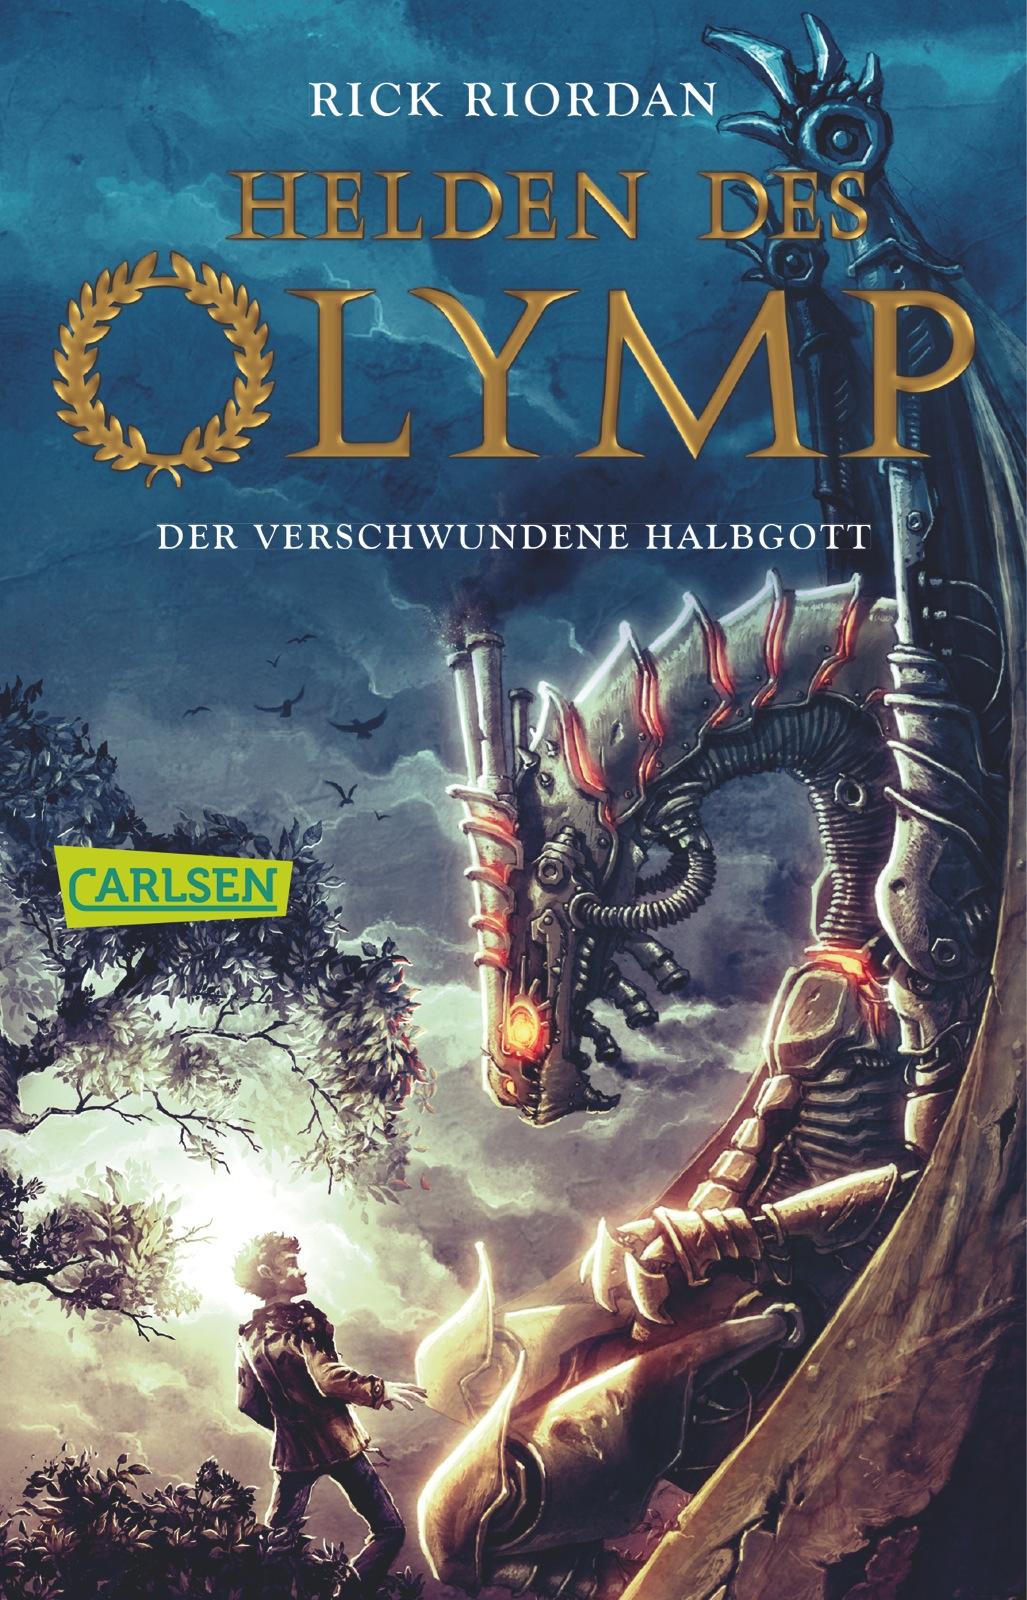 Helden des Olymp: Band 1 - Der verschwundene Halbgott - Rick Riordan [Taschenbuch]